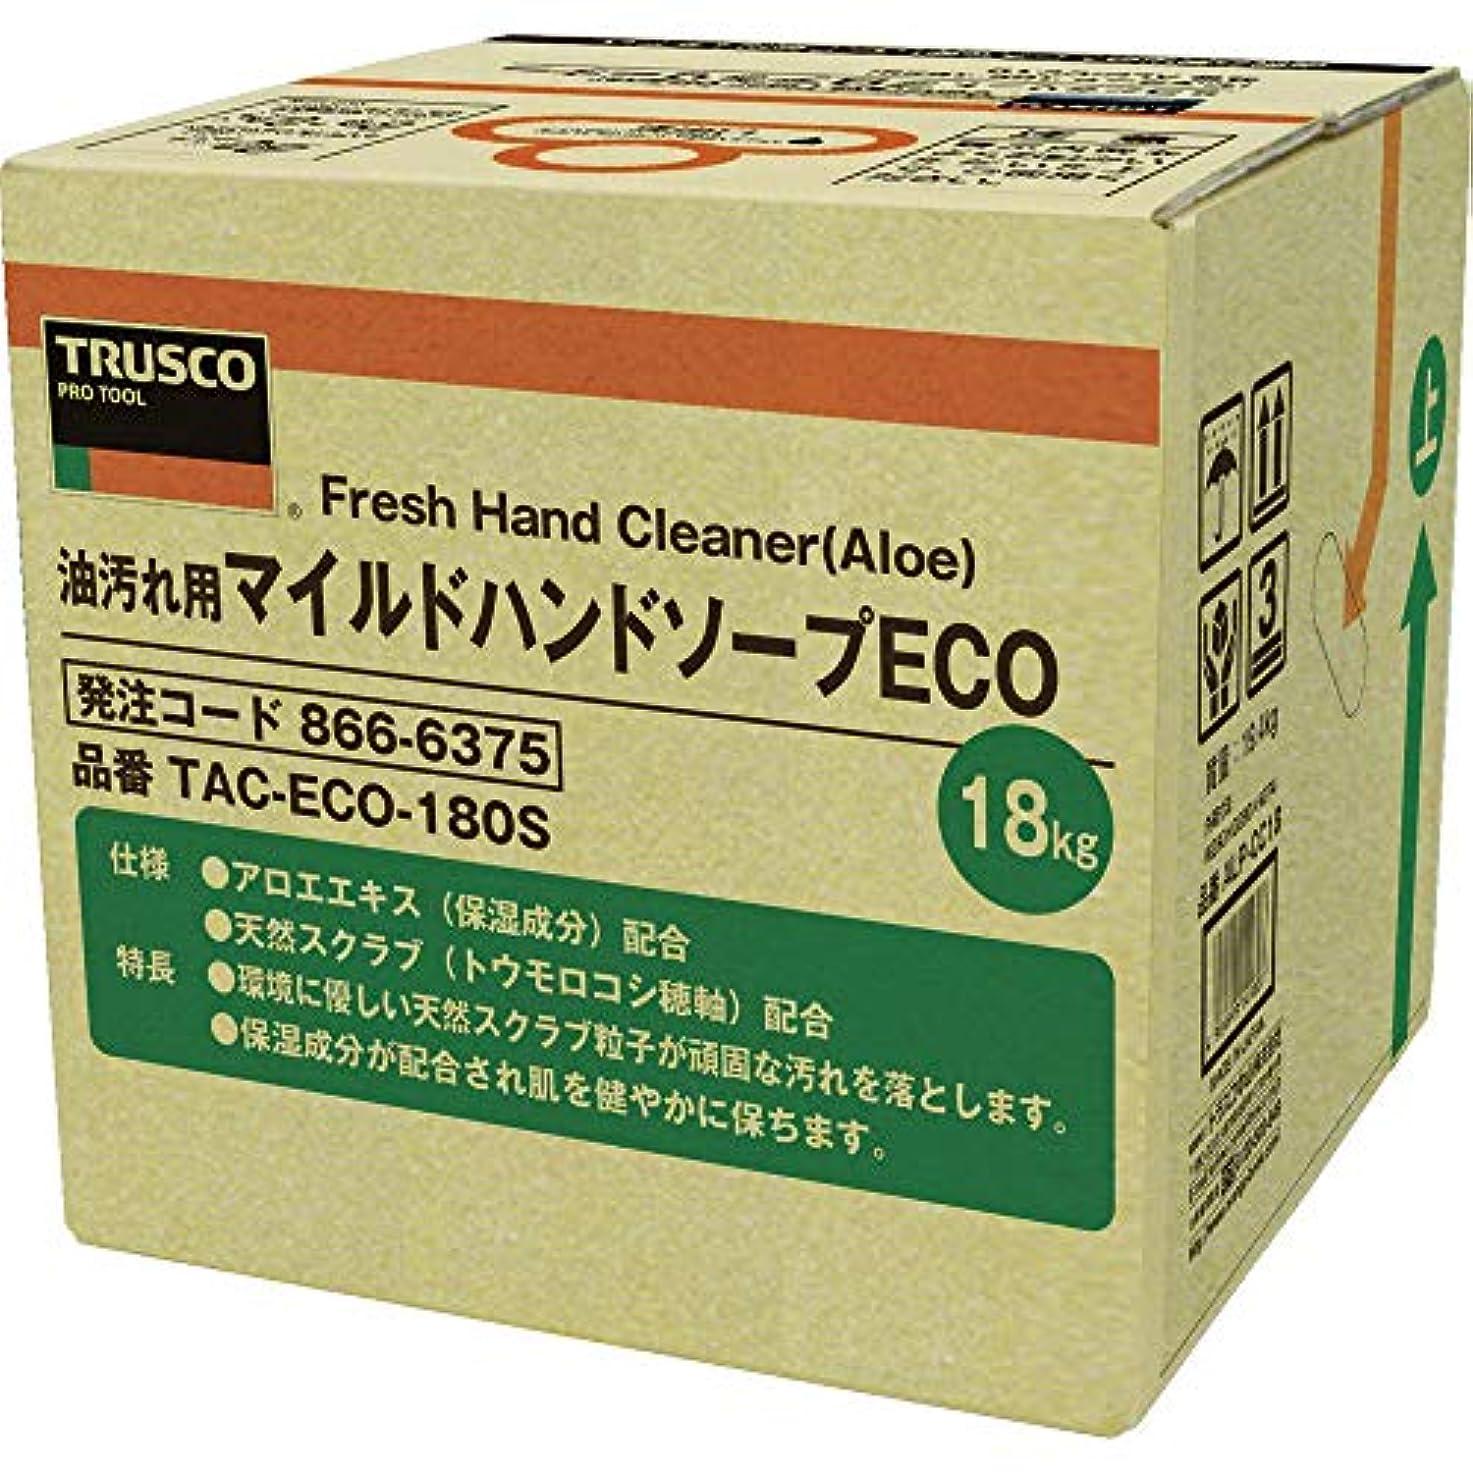 名義で乱す非常に怒っていますTRUSCO(トラスコ) マイルドハンドソープ ECO 18L 詰替 バッグインボックス TACECO180S